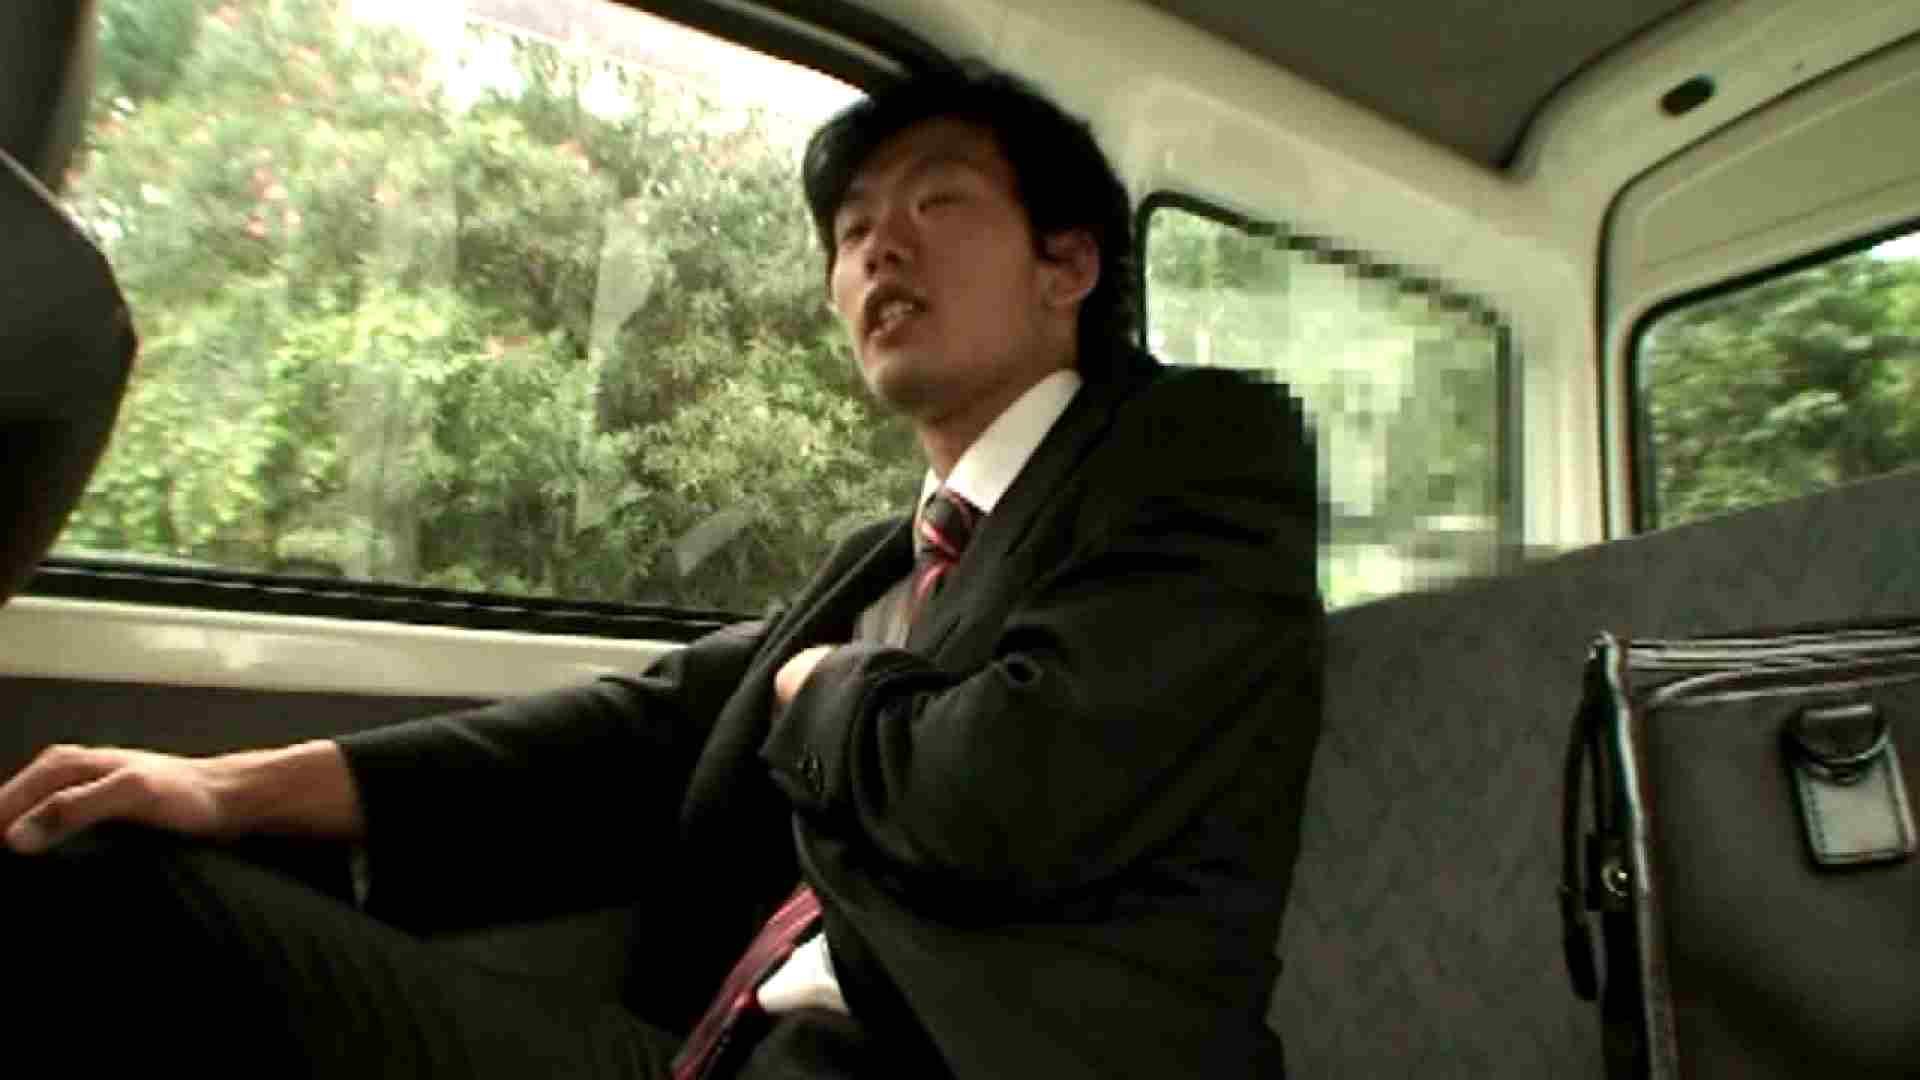 ノンケ!自慰スタジオ No.14 オナニー | 自慰動画 アダルトビデオ画像キャプチャ 10連発 1